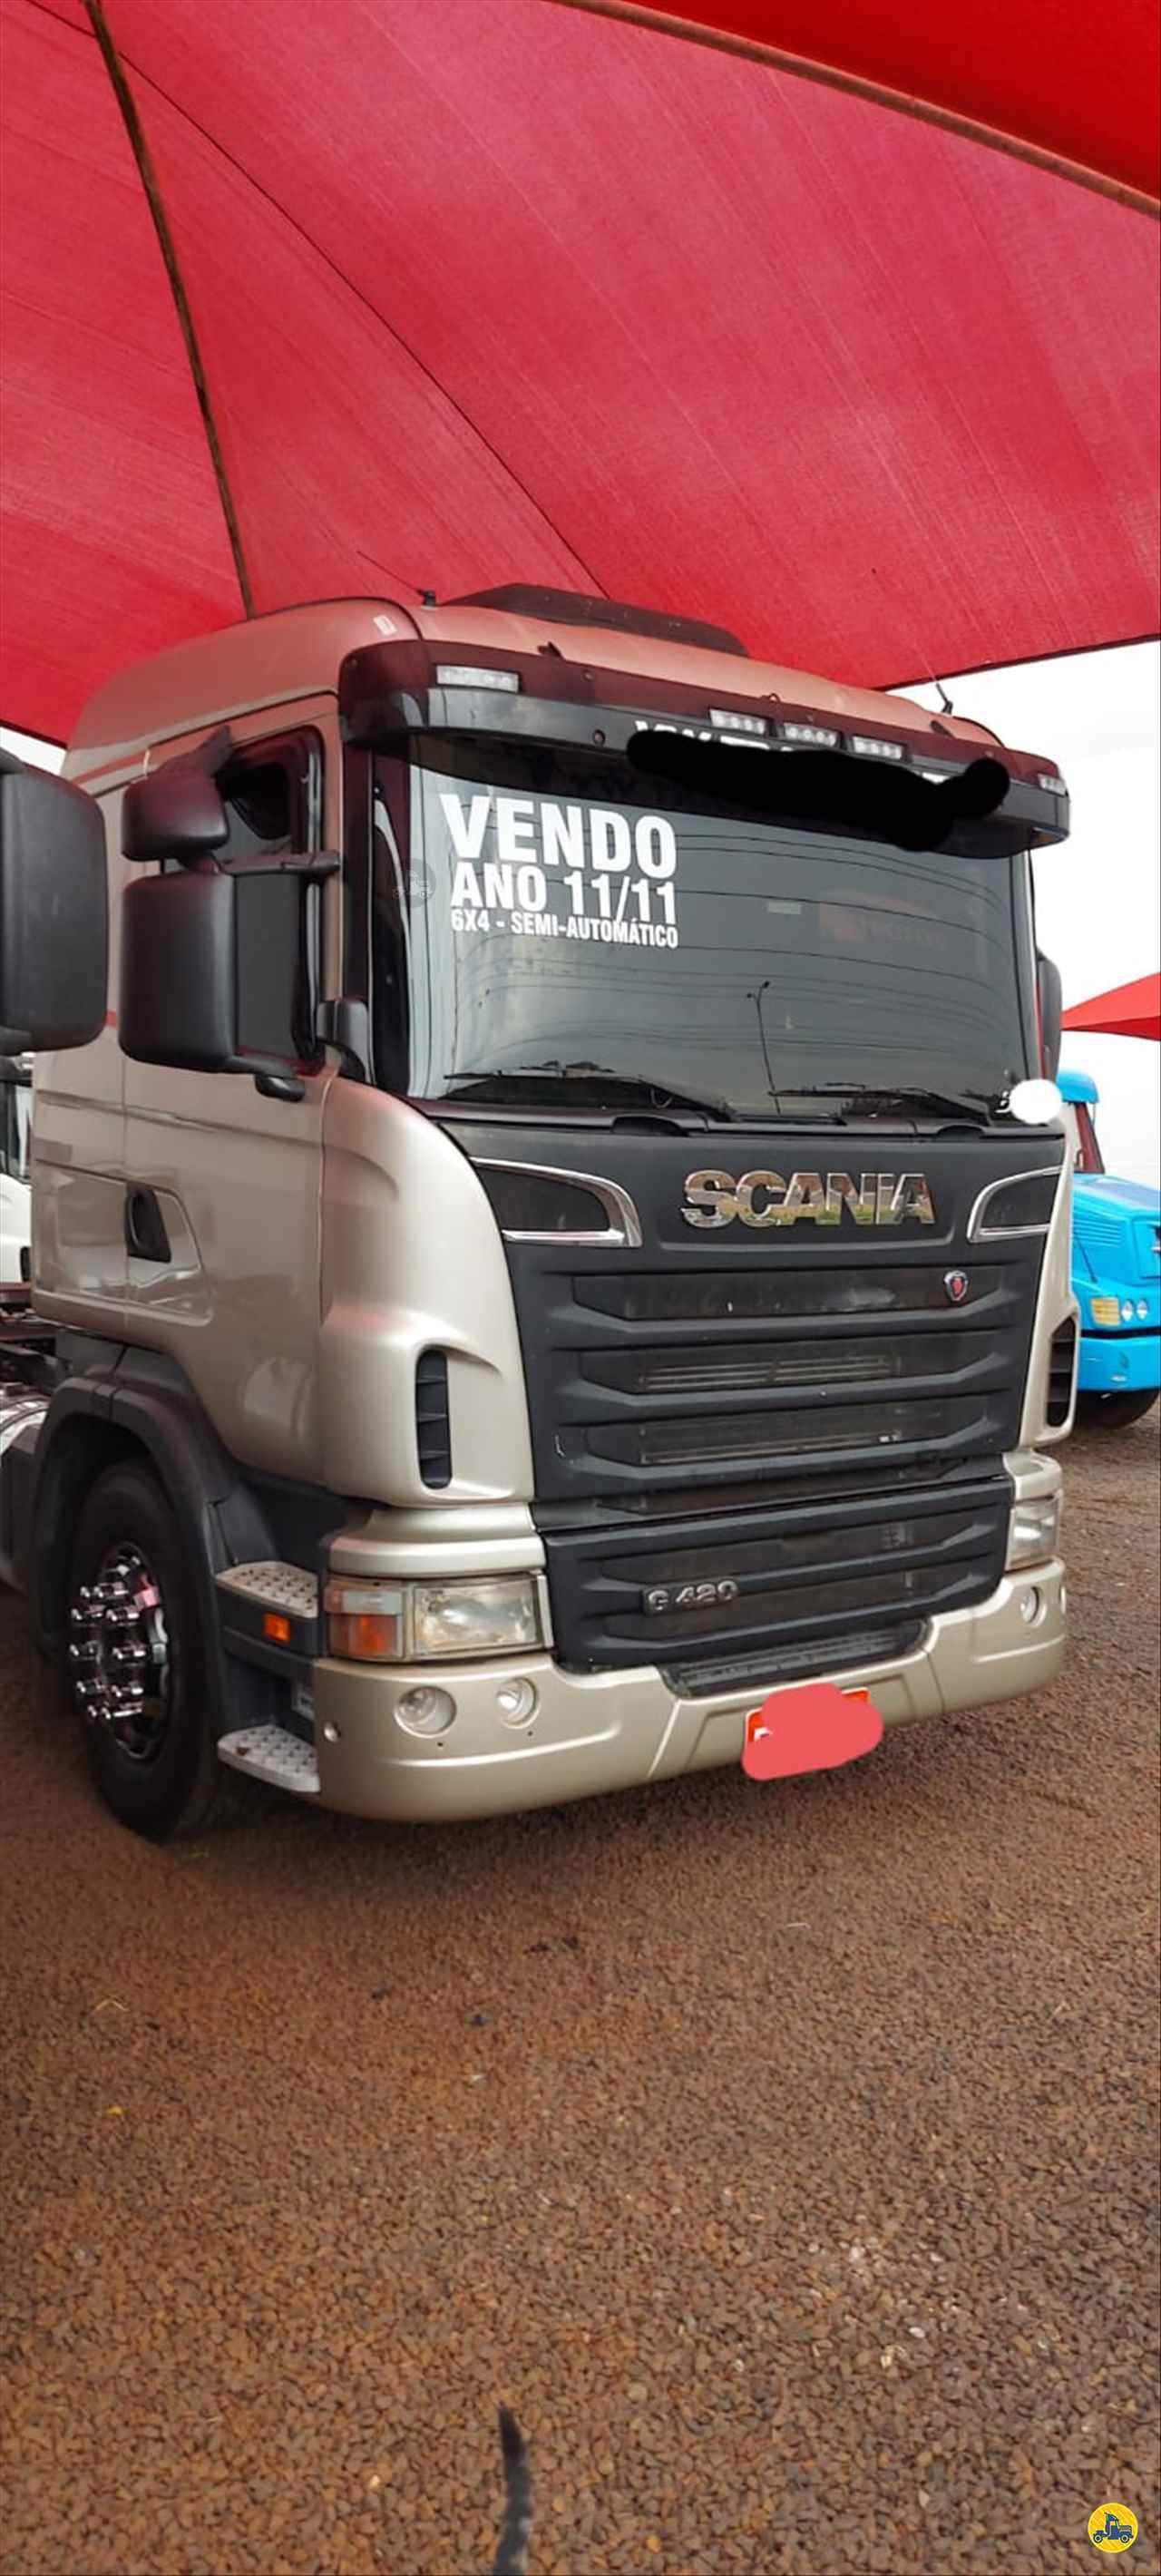 CAMINHAO SCANIA SCANIA 420 Cavalo Mecânico Traçado 6x4 André Caminhões RIO VERDE GOIAS GO